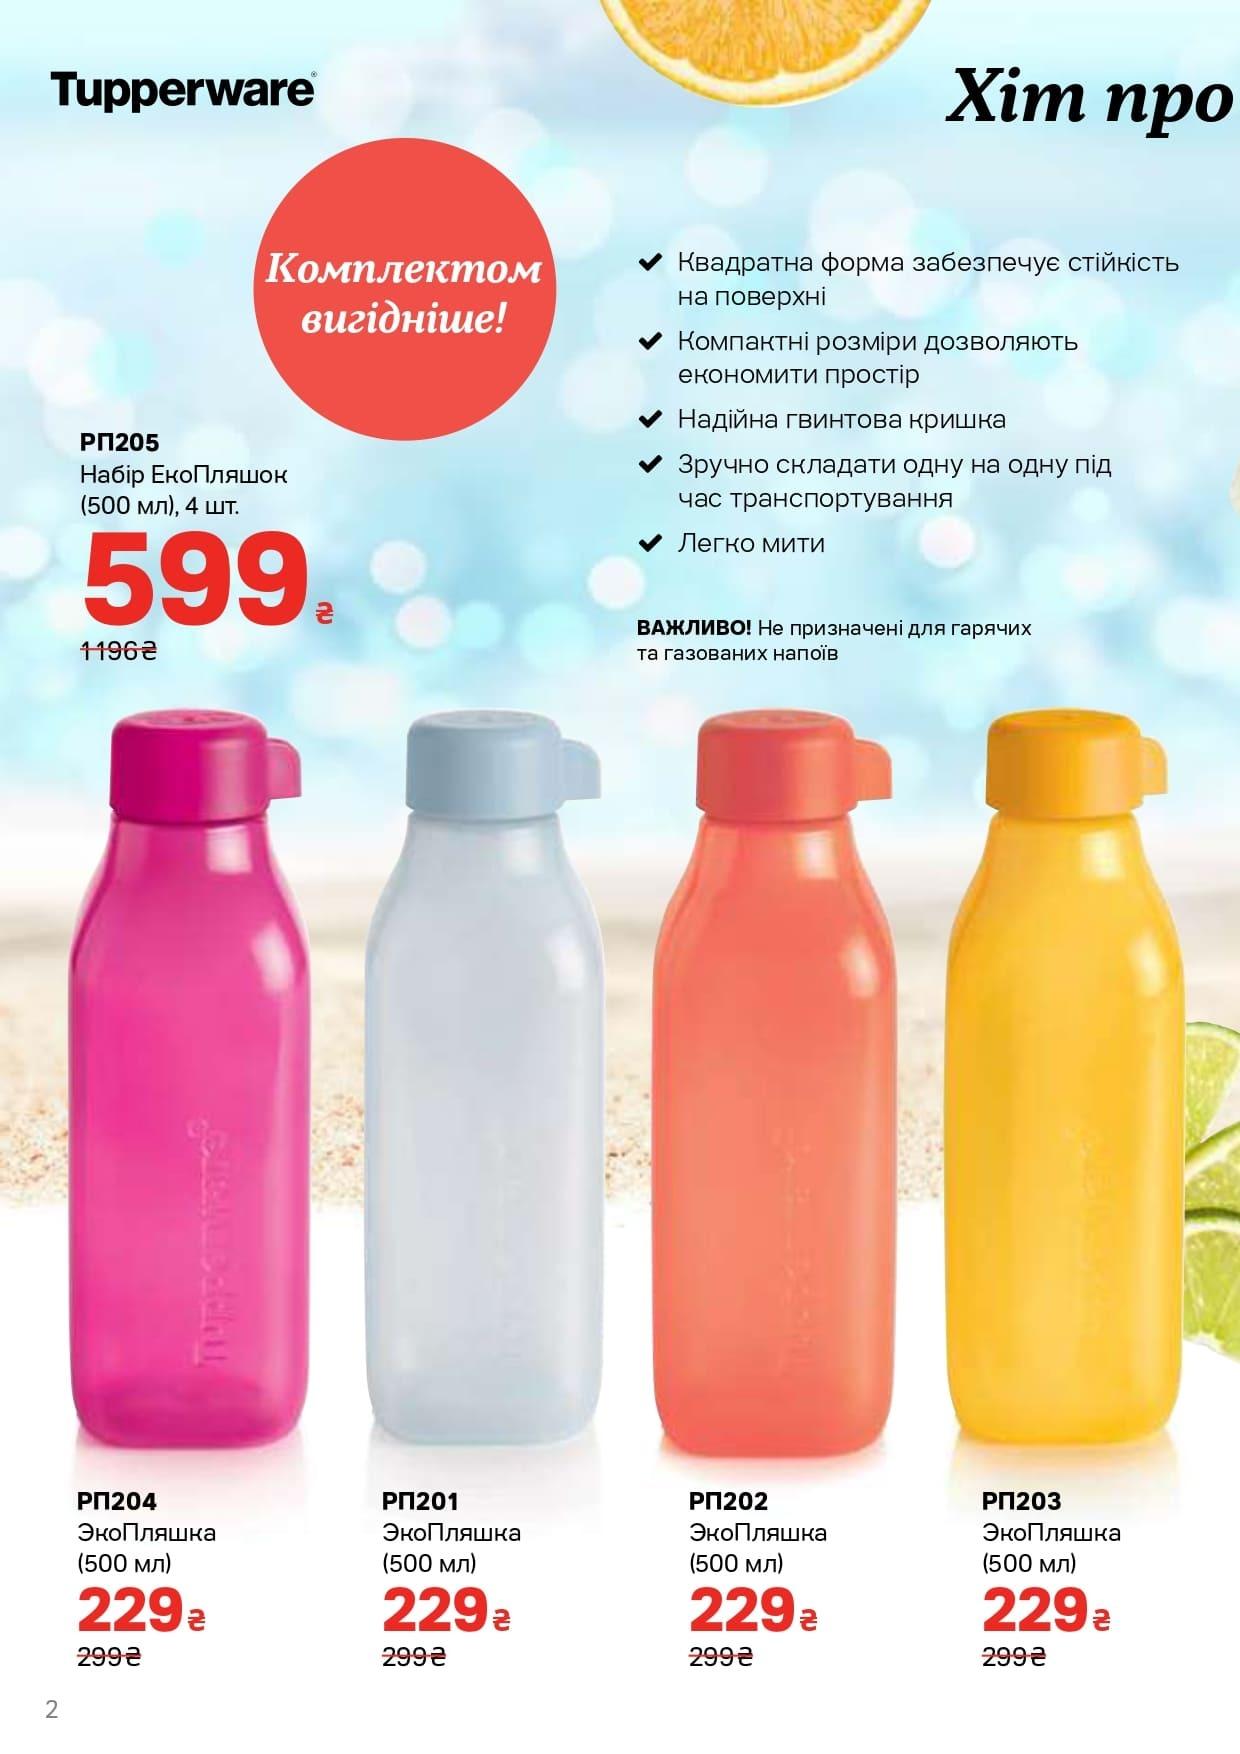 Квадратные бутылки Тапервер 500 мл, четыре разных цвета.